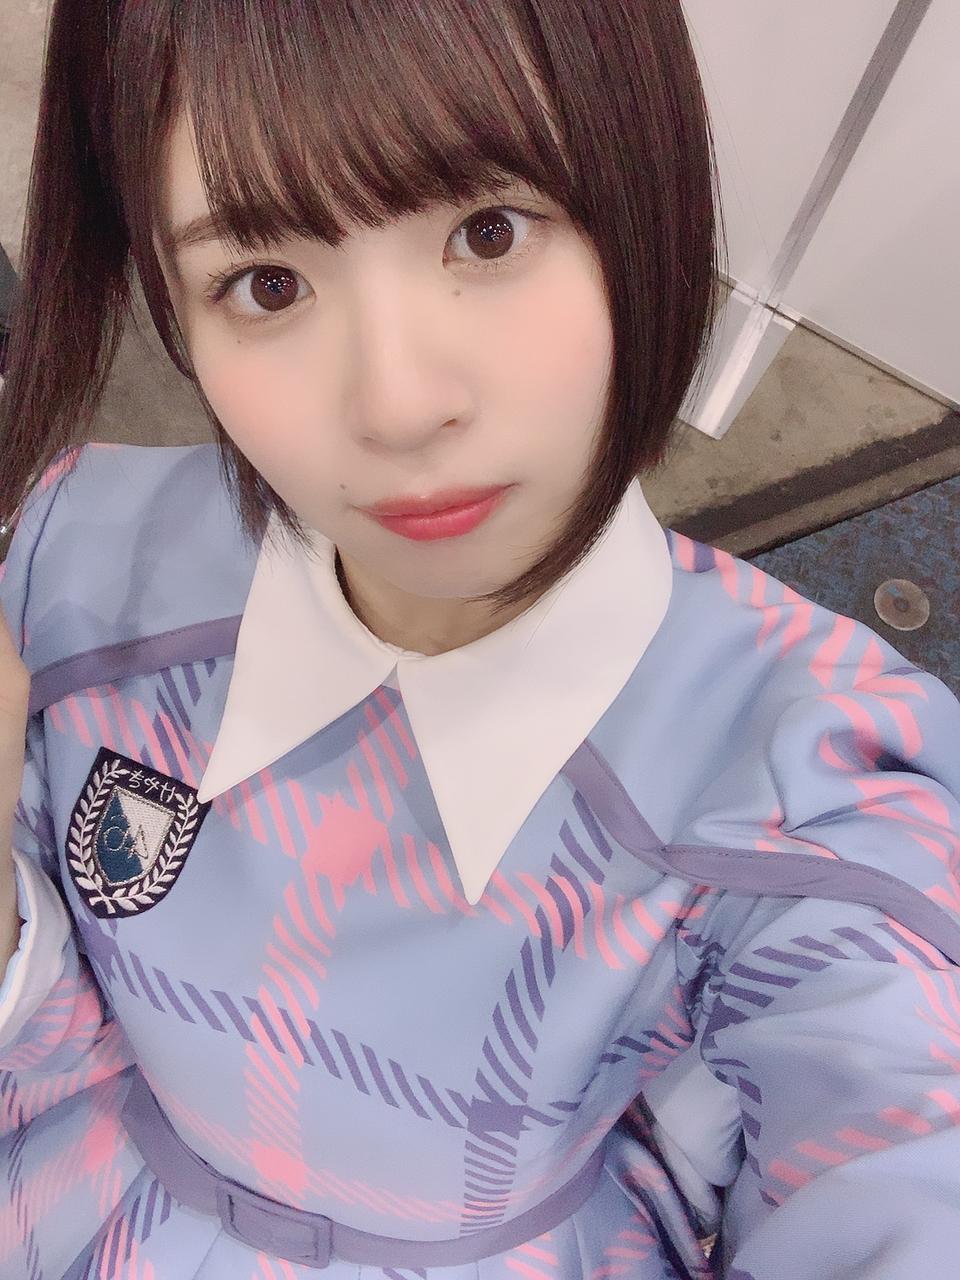 日向坂46メンバーブログまとめ2019年3月17日